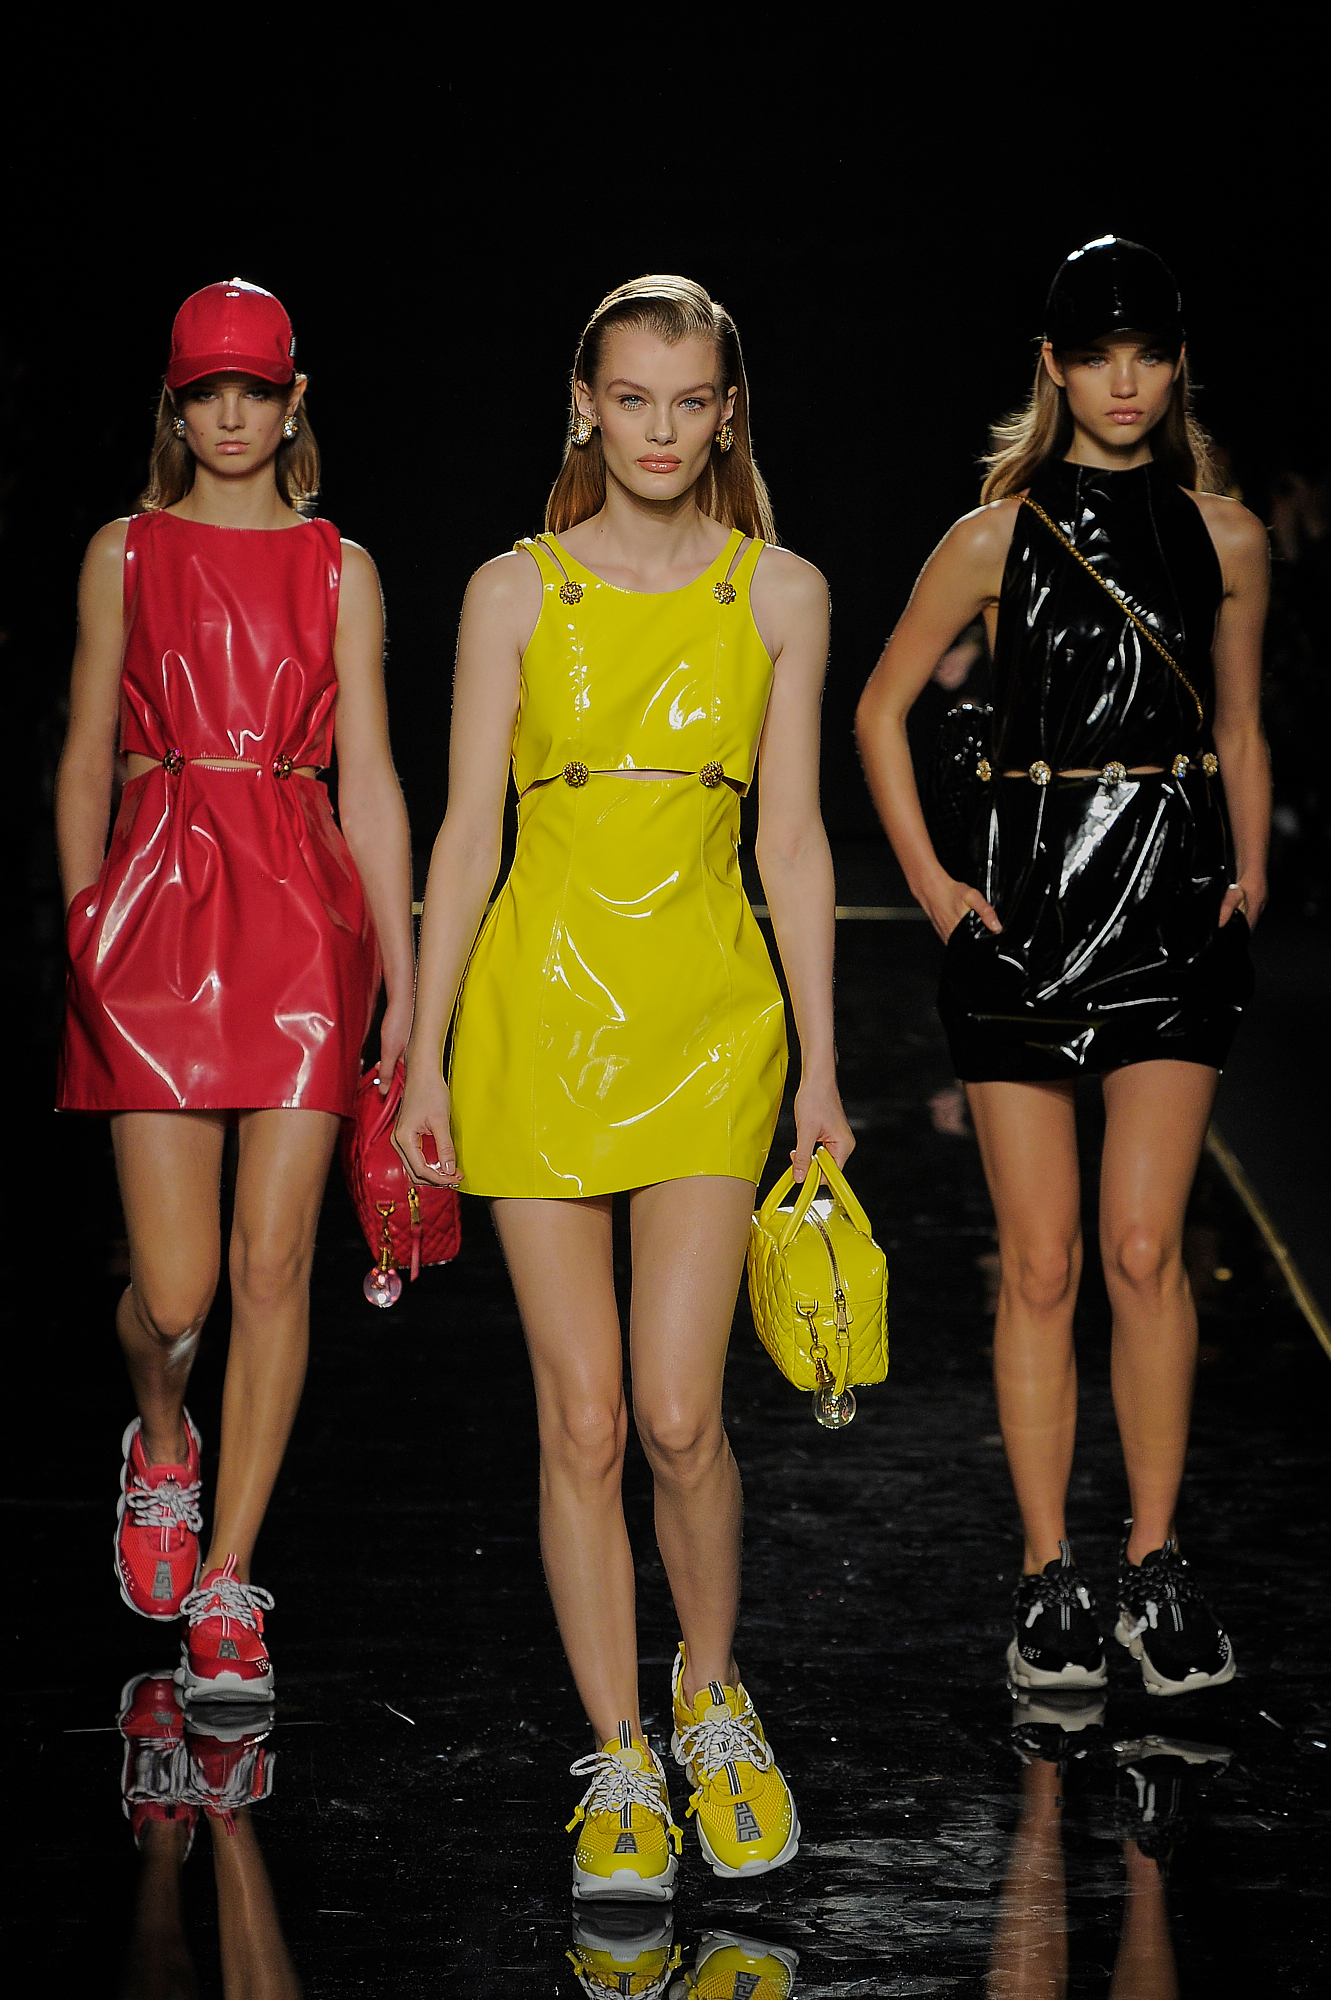 Versace_33_12_versace_runway_runway_00033.jpg